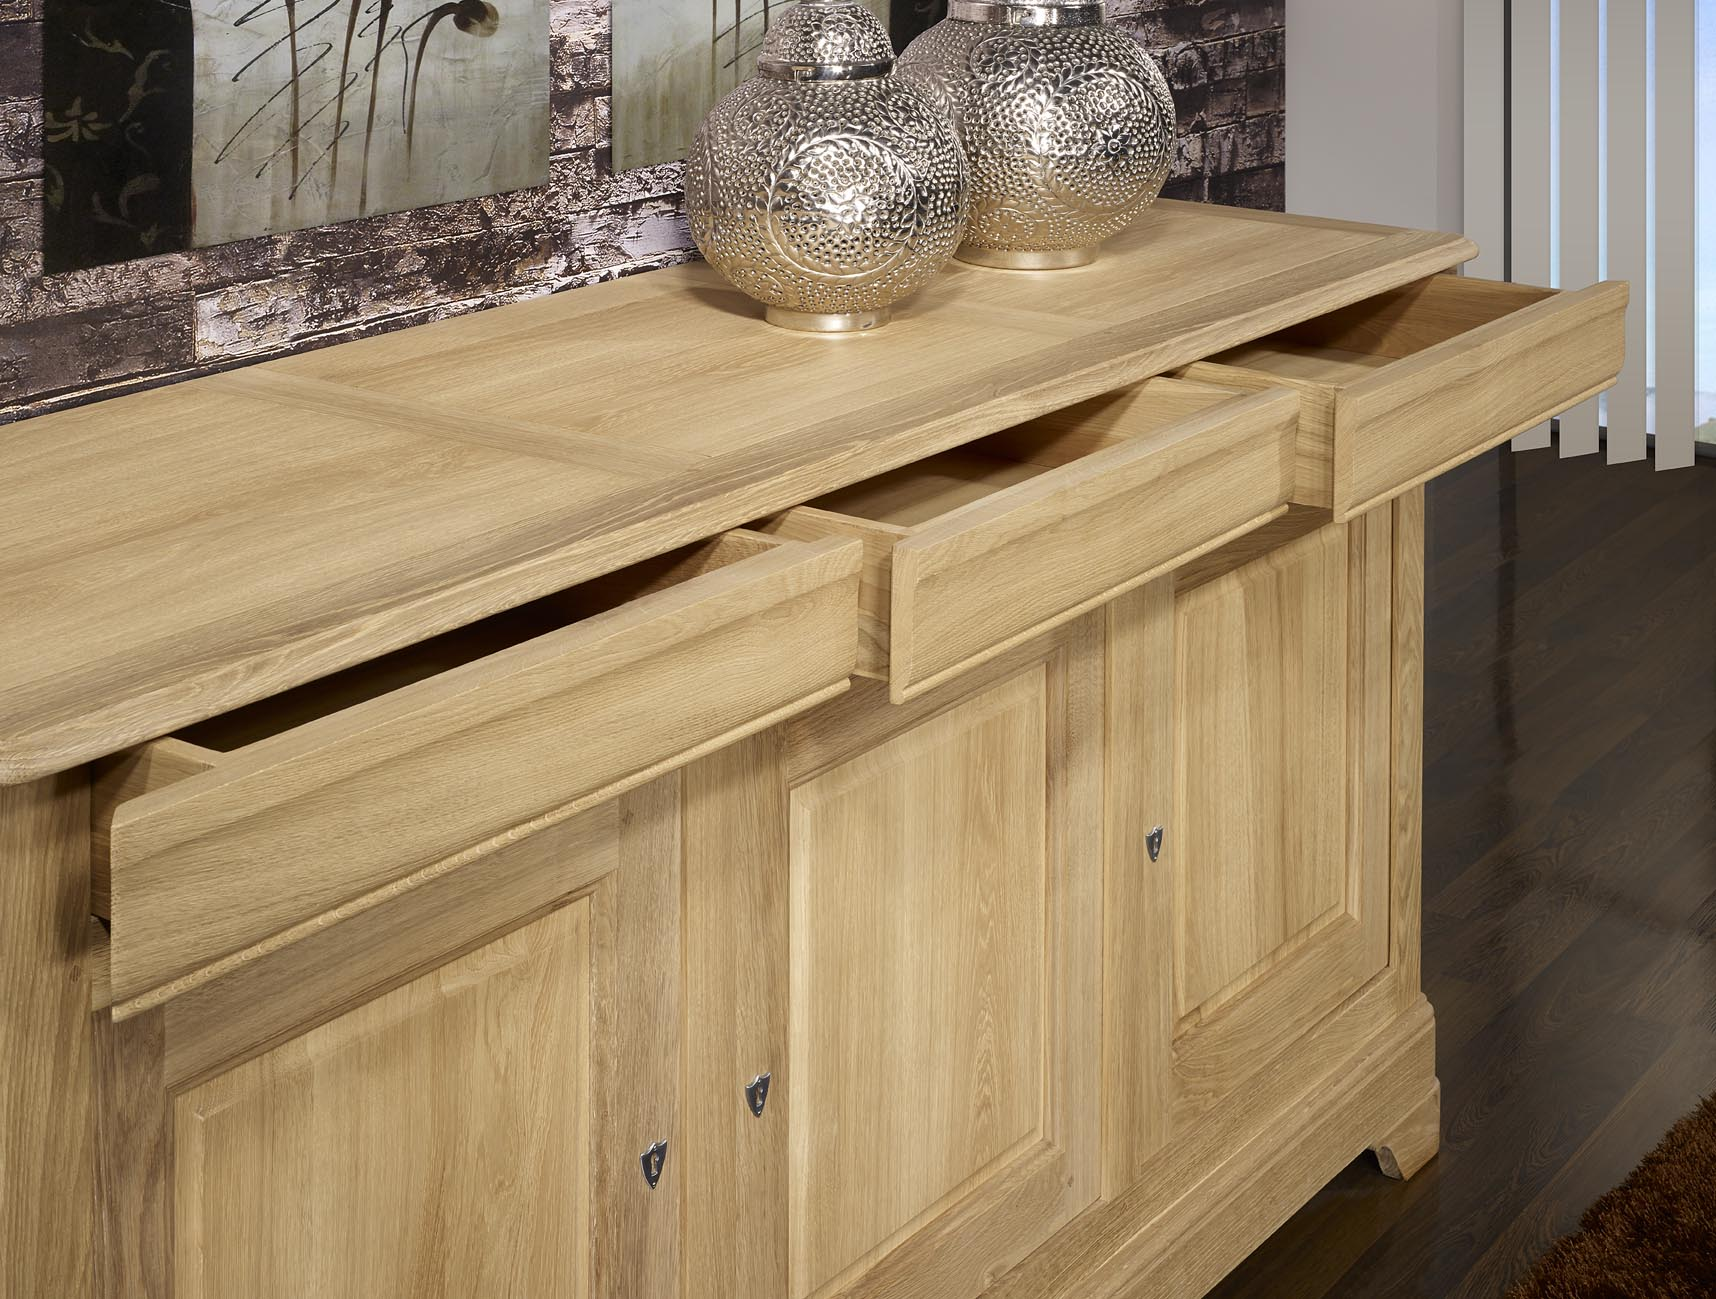 Buffet aparador 3 puertas lucio en madera de roble macizo for Puerta de roble macizo castorama